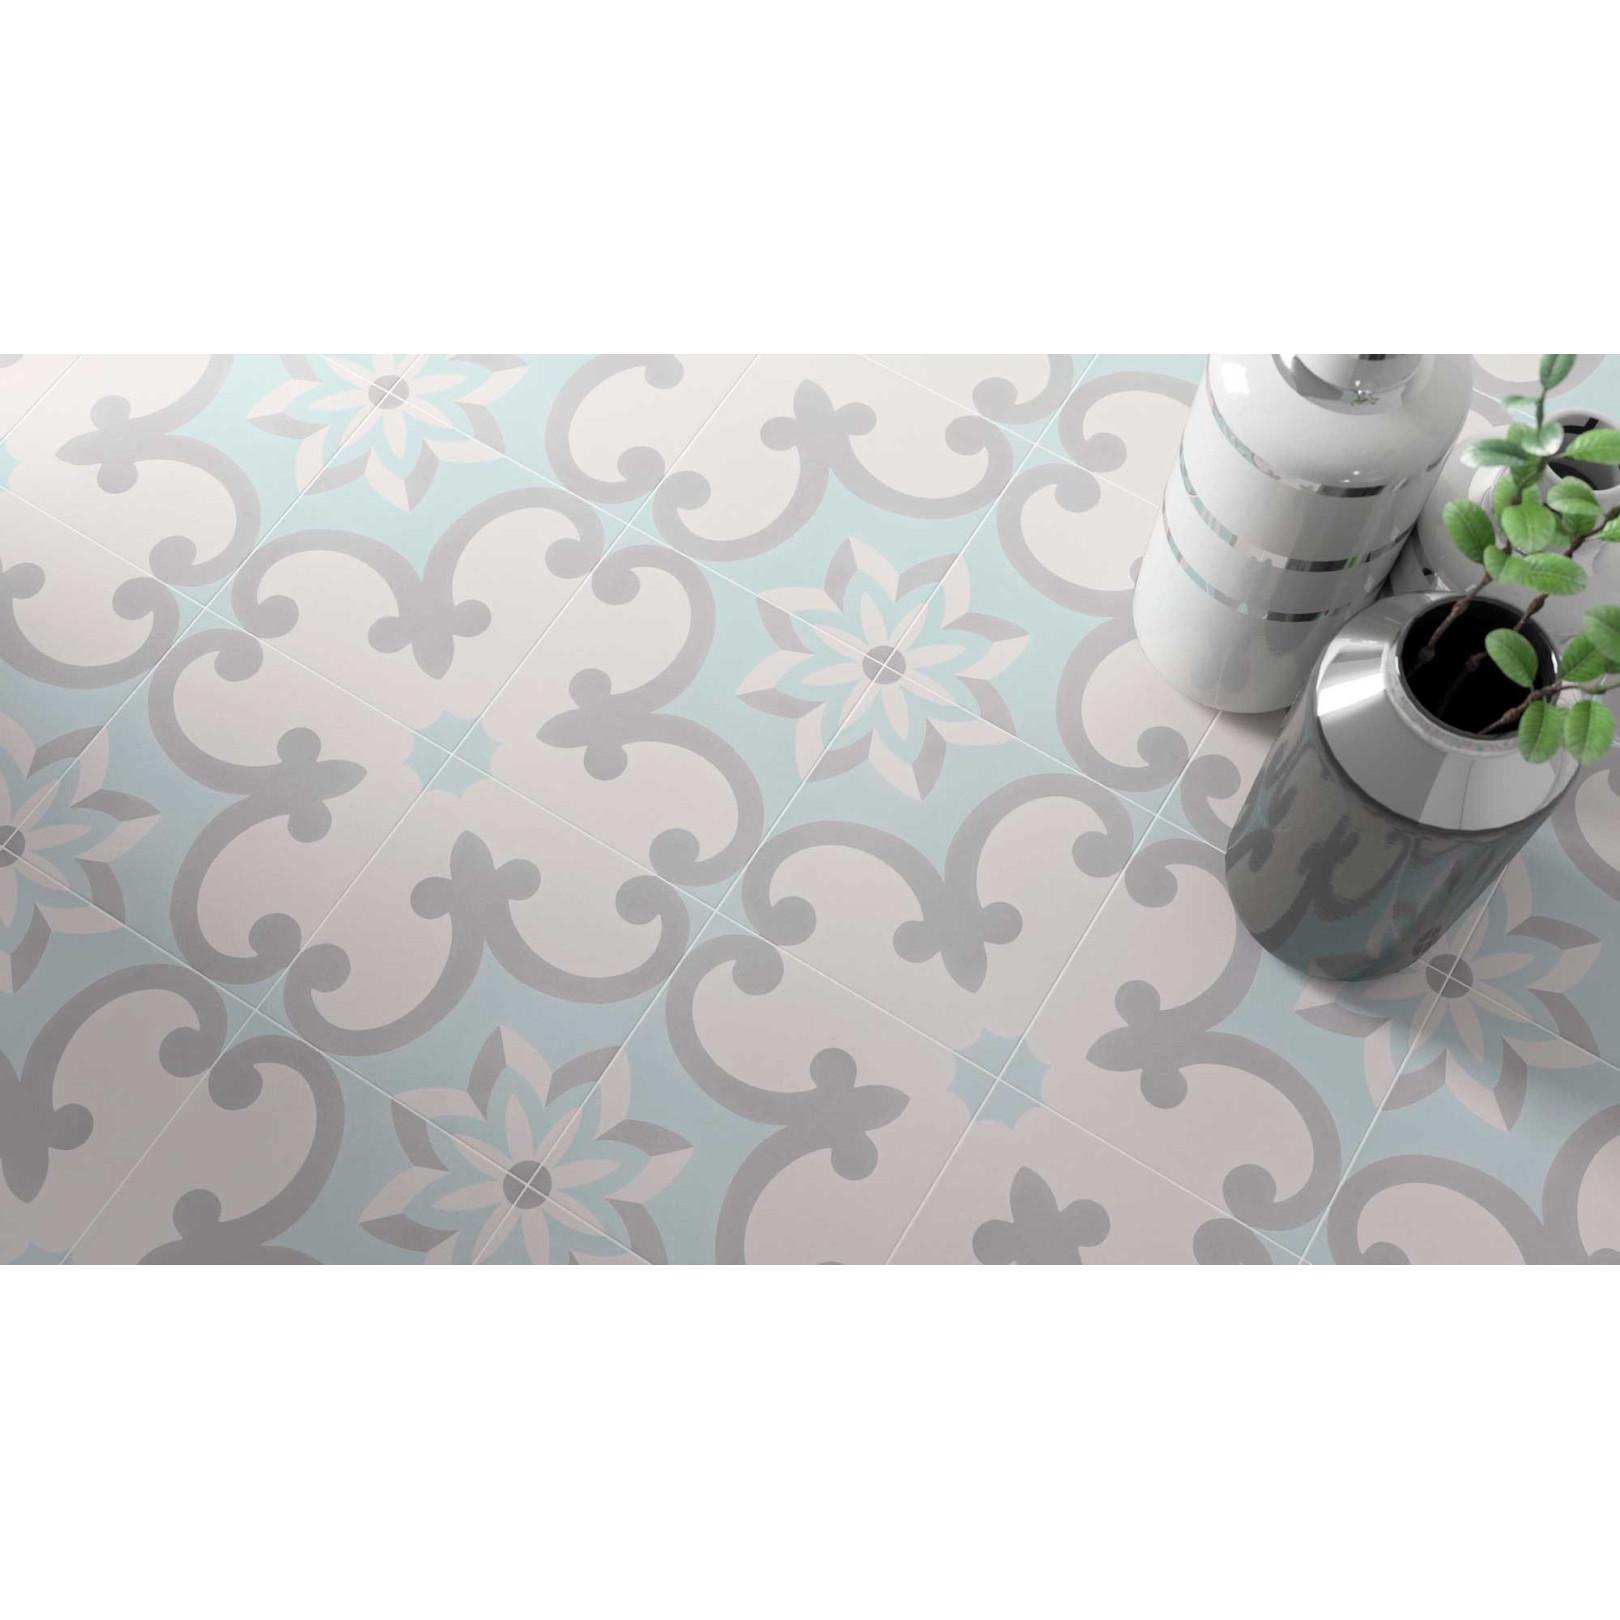 Carrelage grès cérame effet carreau ciment Cement Tradition Decor 2 (2 couleurs), 18,5x18,5cm